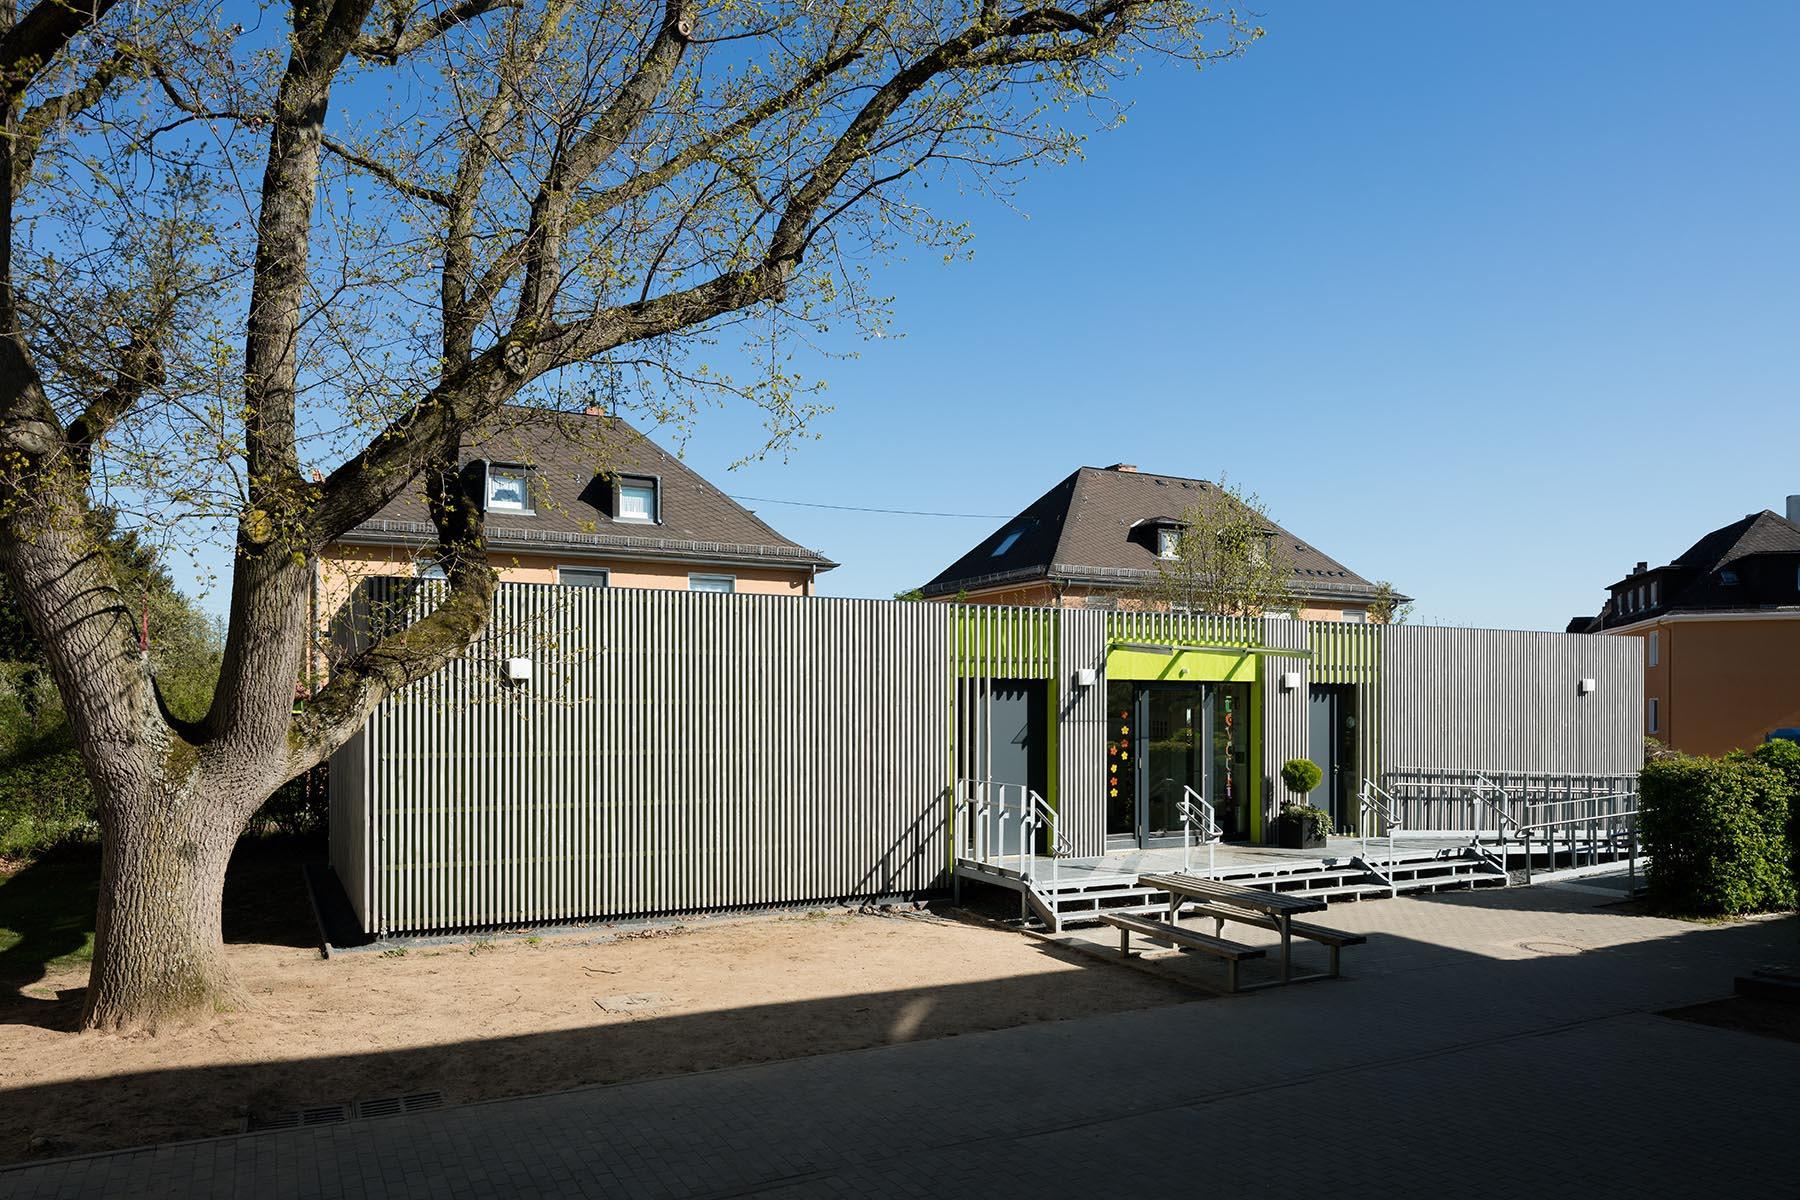 1-geschossiges Schulgebäude in Holz-Modulbauweise